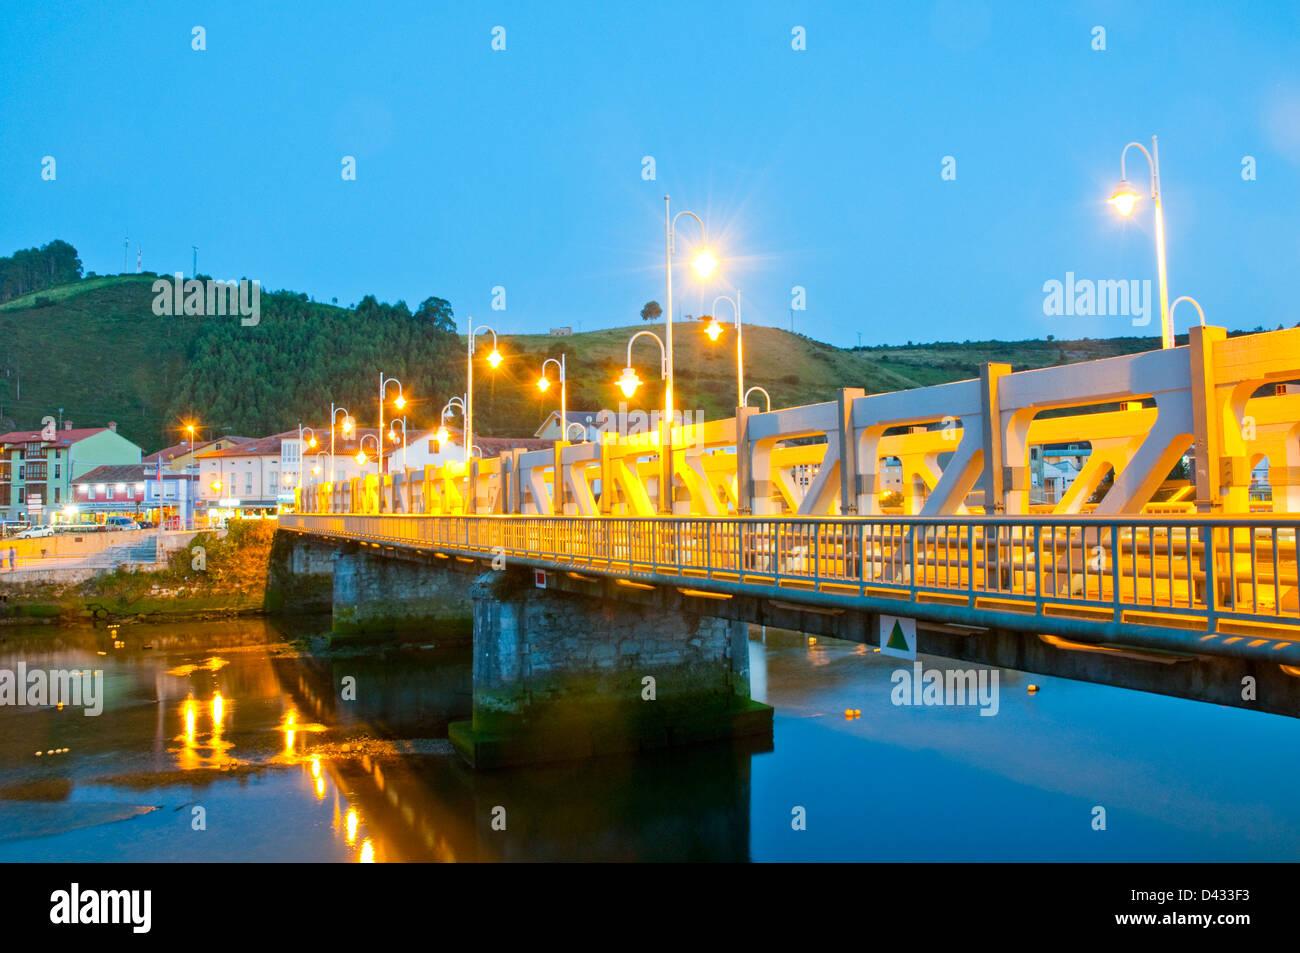 Puente sobre el río Deva, vista nocturna. Bustio, Asturias, España. Foto de stock